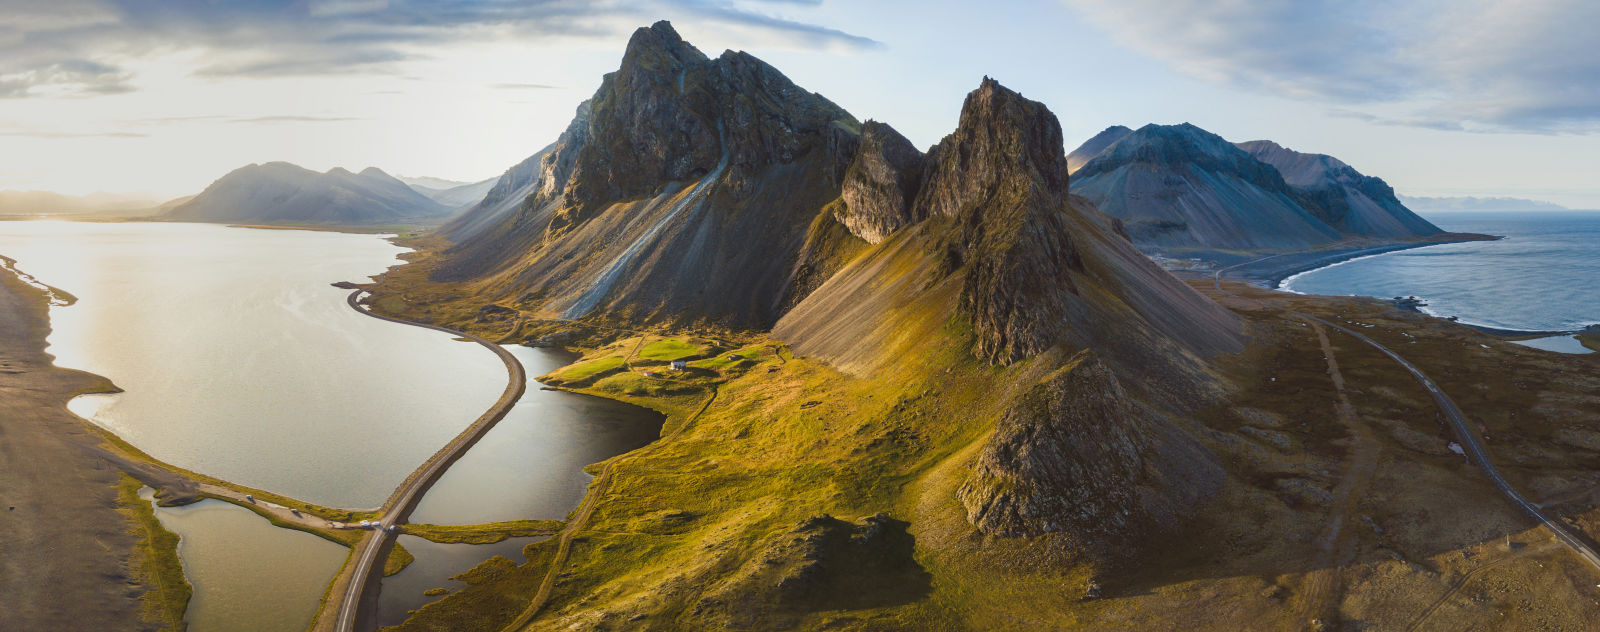 Bird, Iceland, Landscape